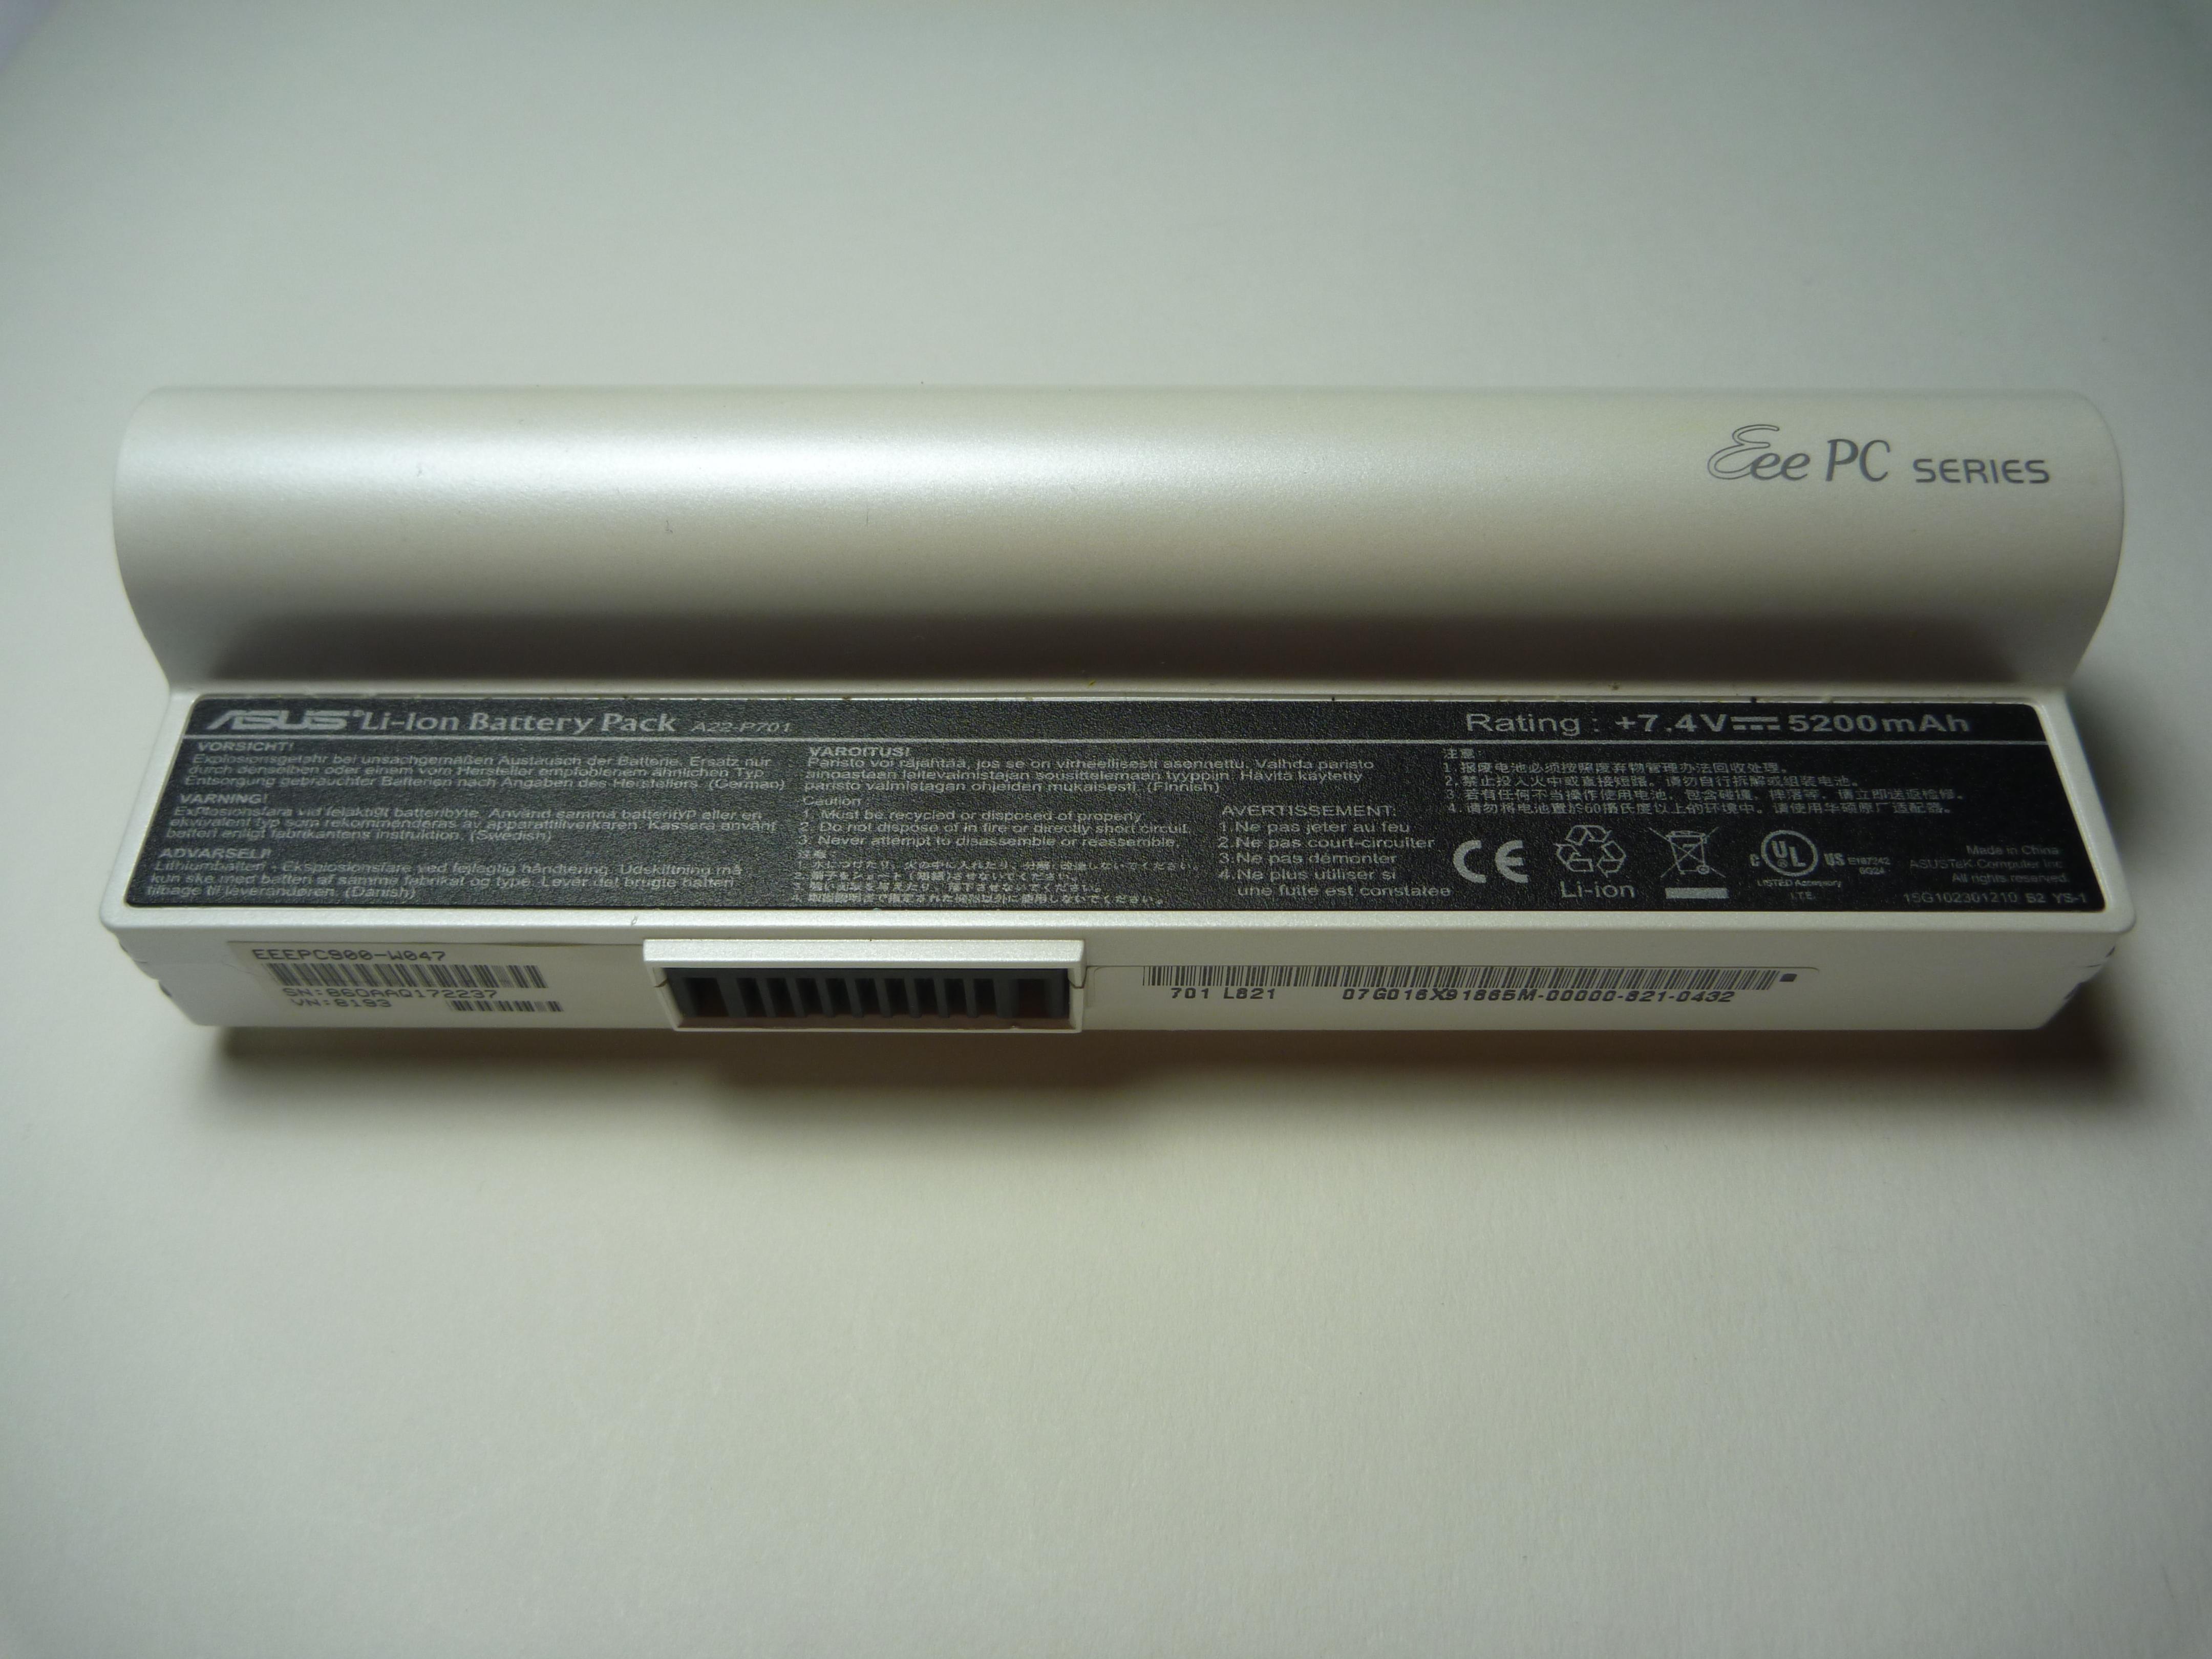 asus eee pc 900 repair ifixit rh ifixit com Asus Eee PC Operating System Asus Eee PC Operating System